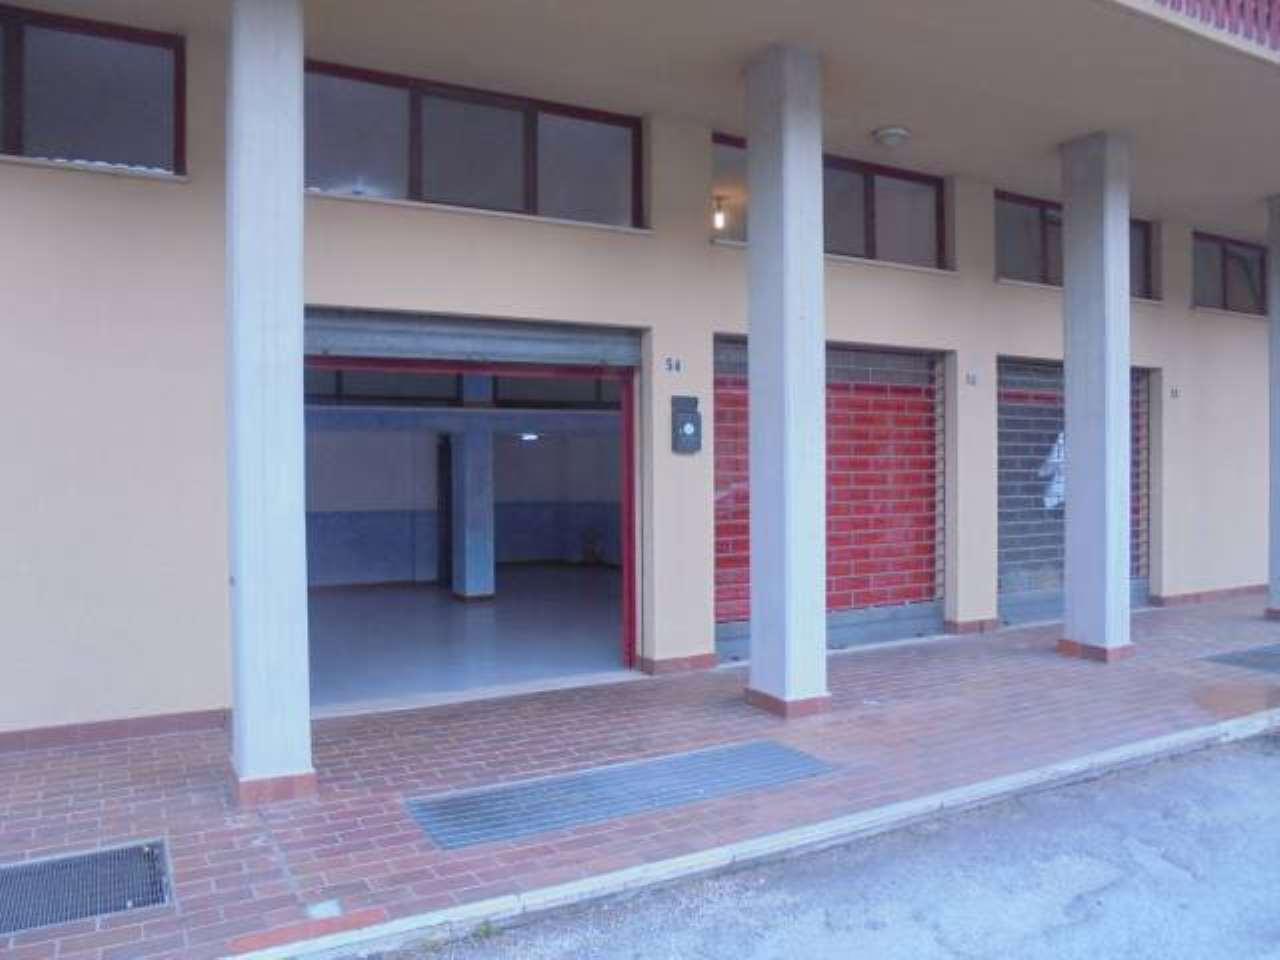 Immobili commerciali in affitto a ariccia for Immobili commerciali in affitto a roma